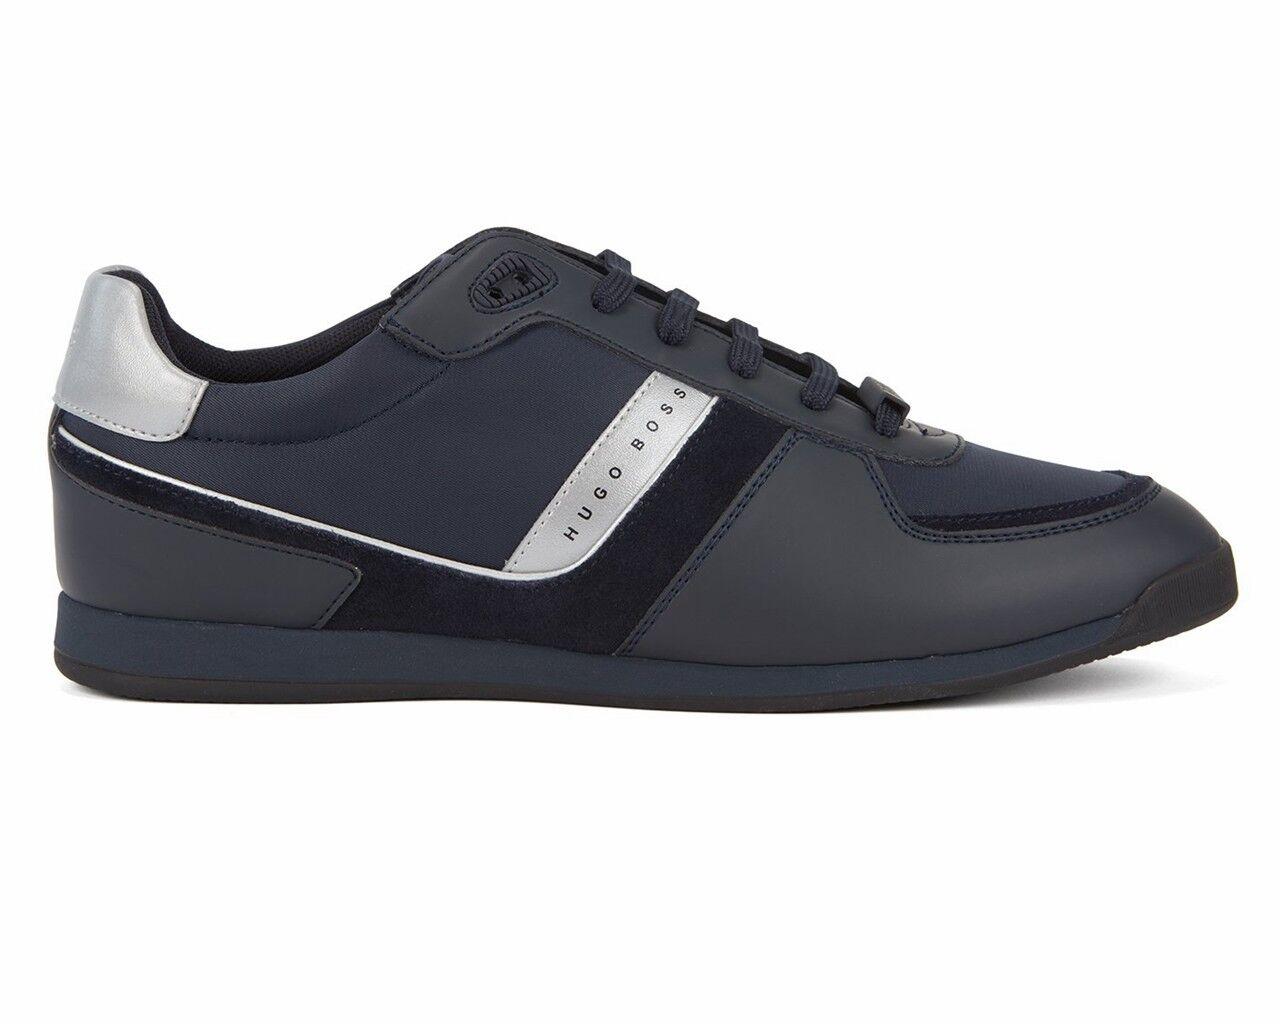 Hugo Boss Maze bajo Tech 2 50397622 410 Zapatillas para hombre zapatos tenis azul oscuro